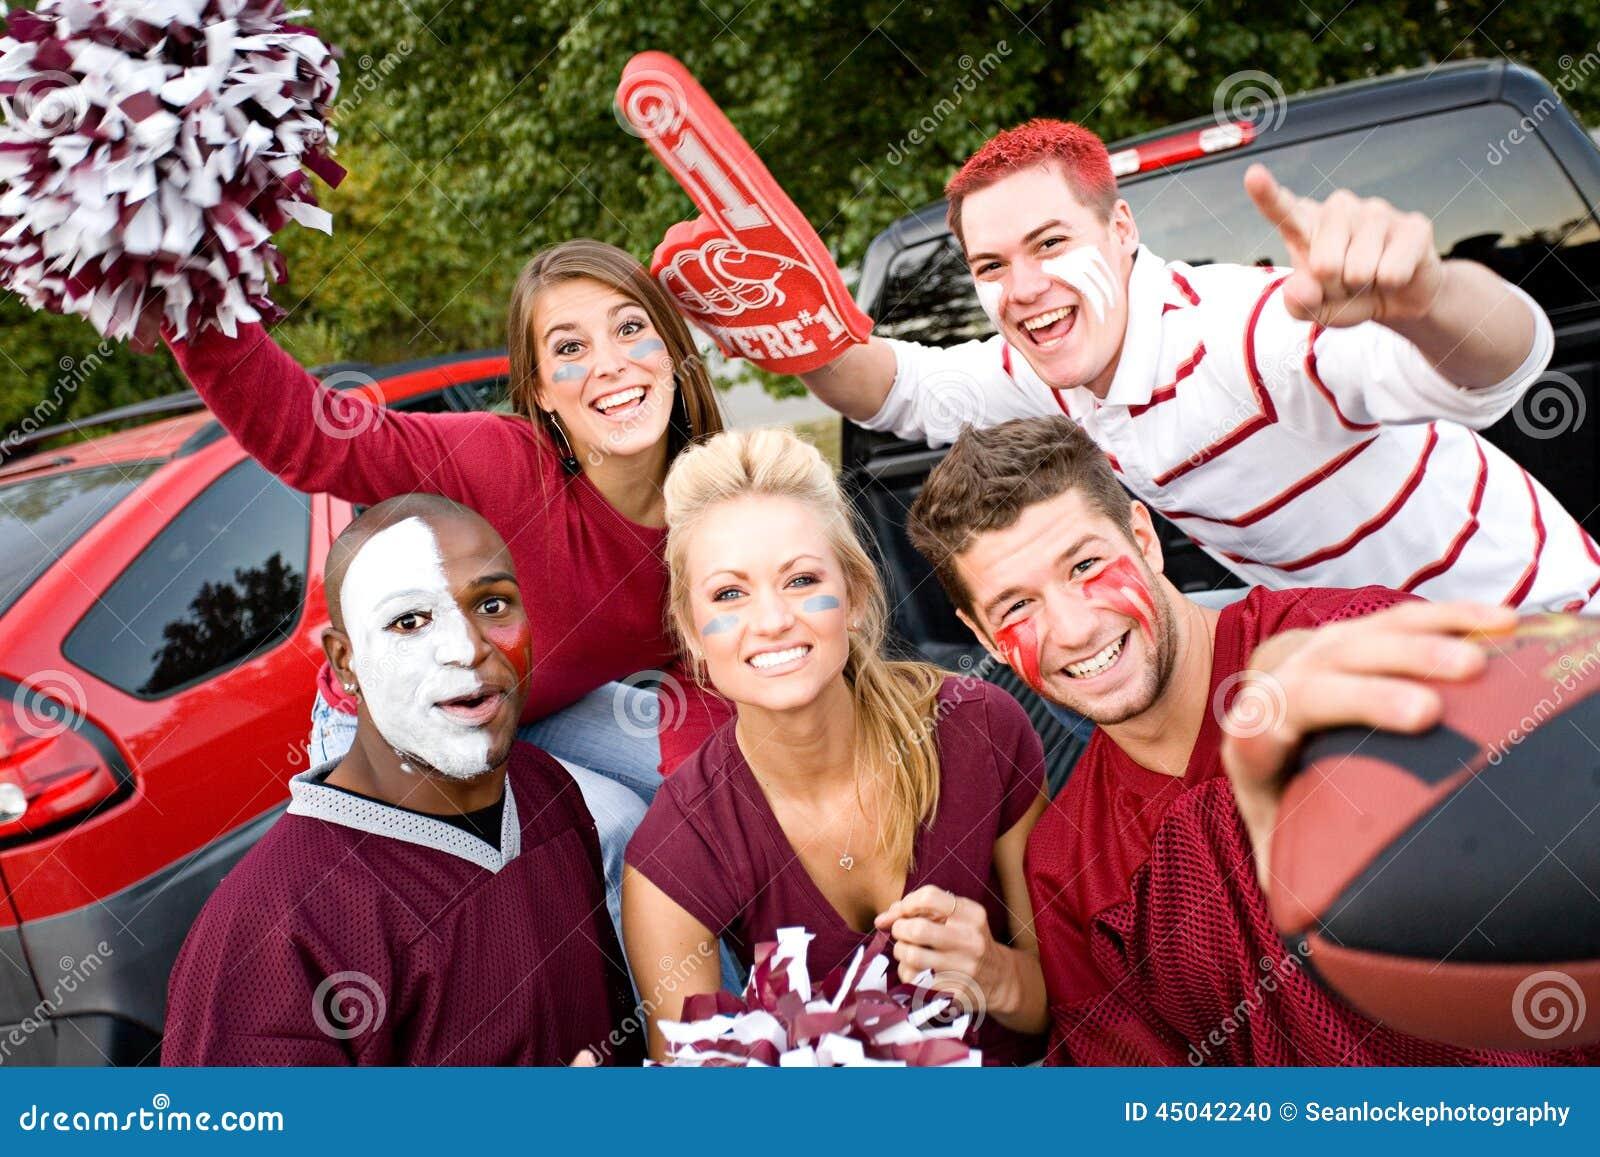 Tailgating: Gruppo di studenti di college eccitati per la partita di football americano